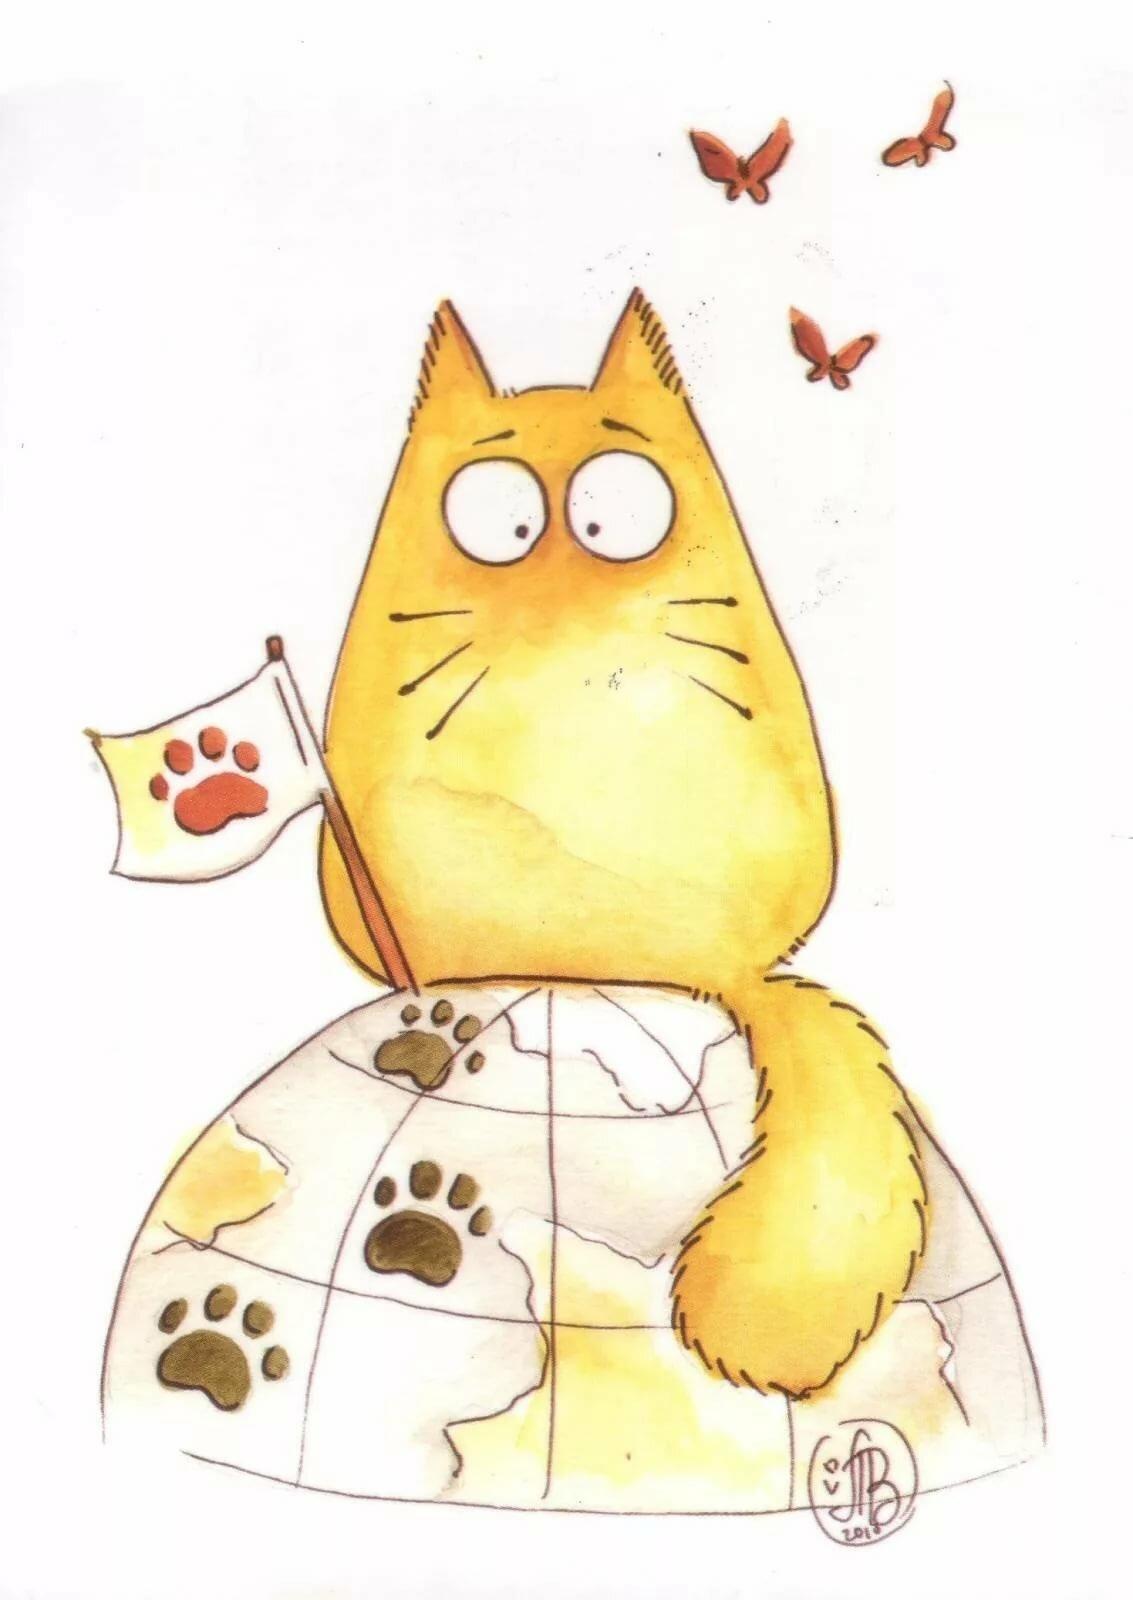 Картинки кошек мультяшных прикольных, днем фсб